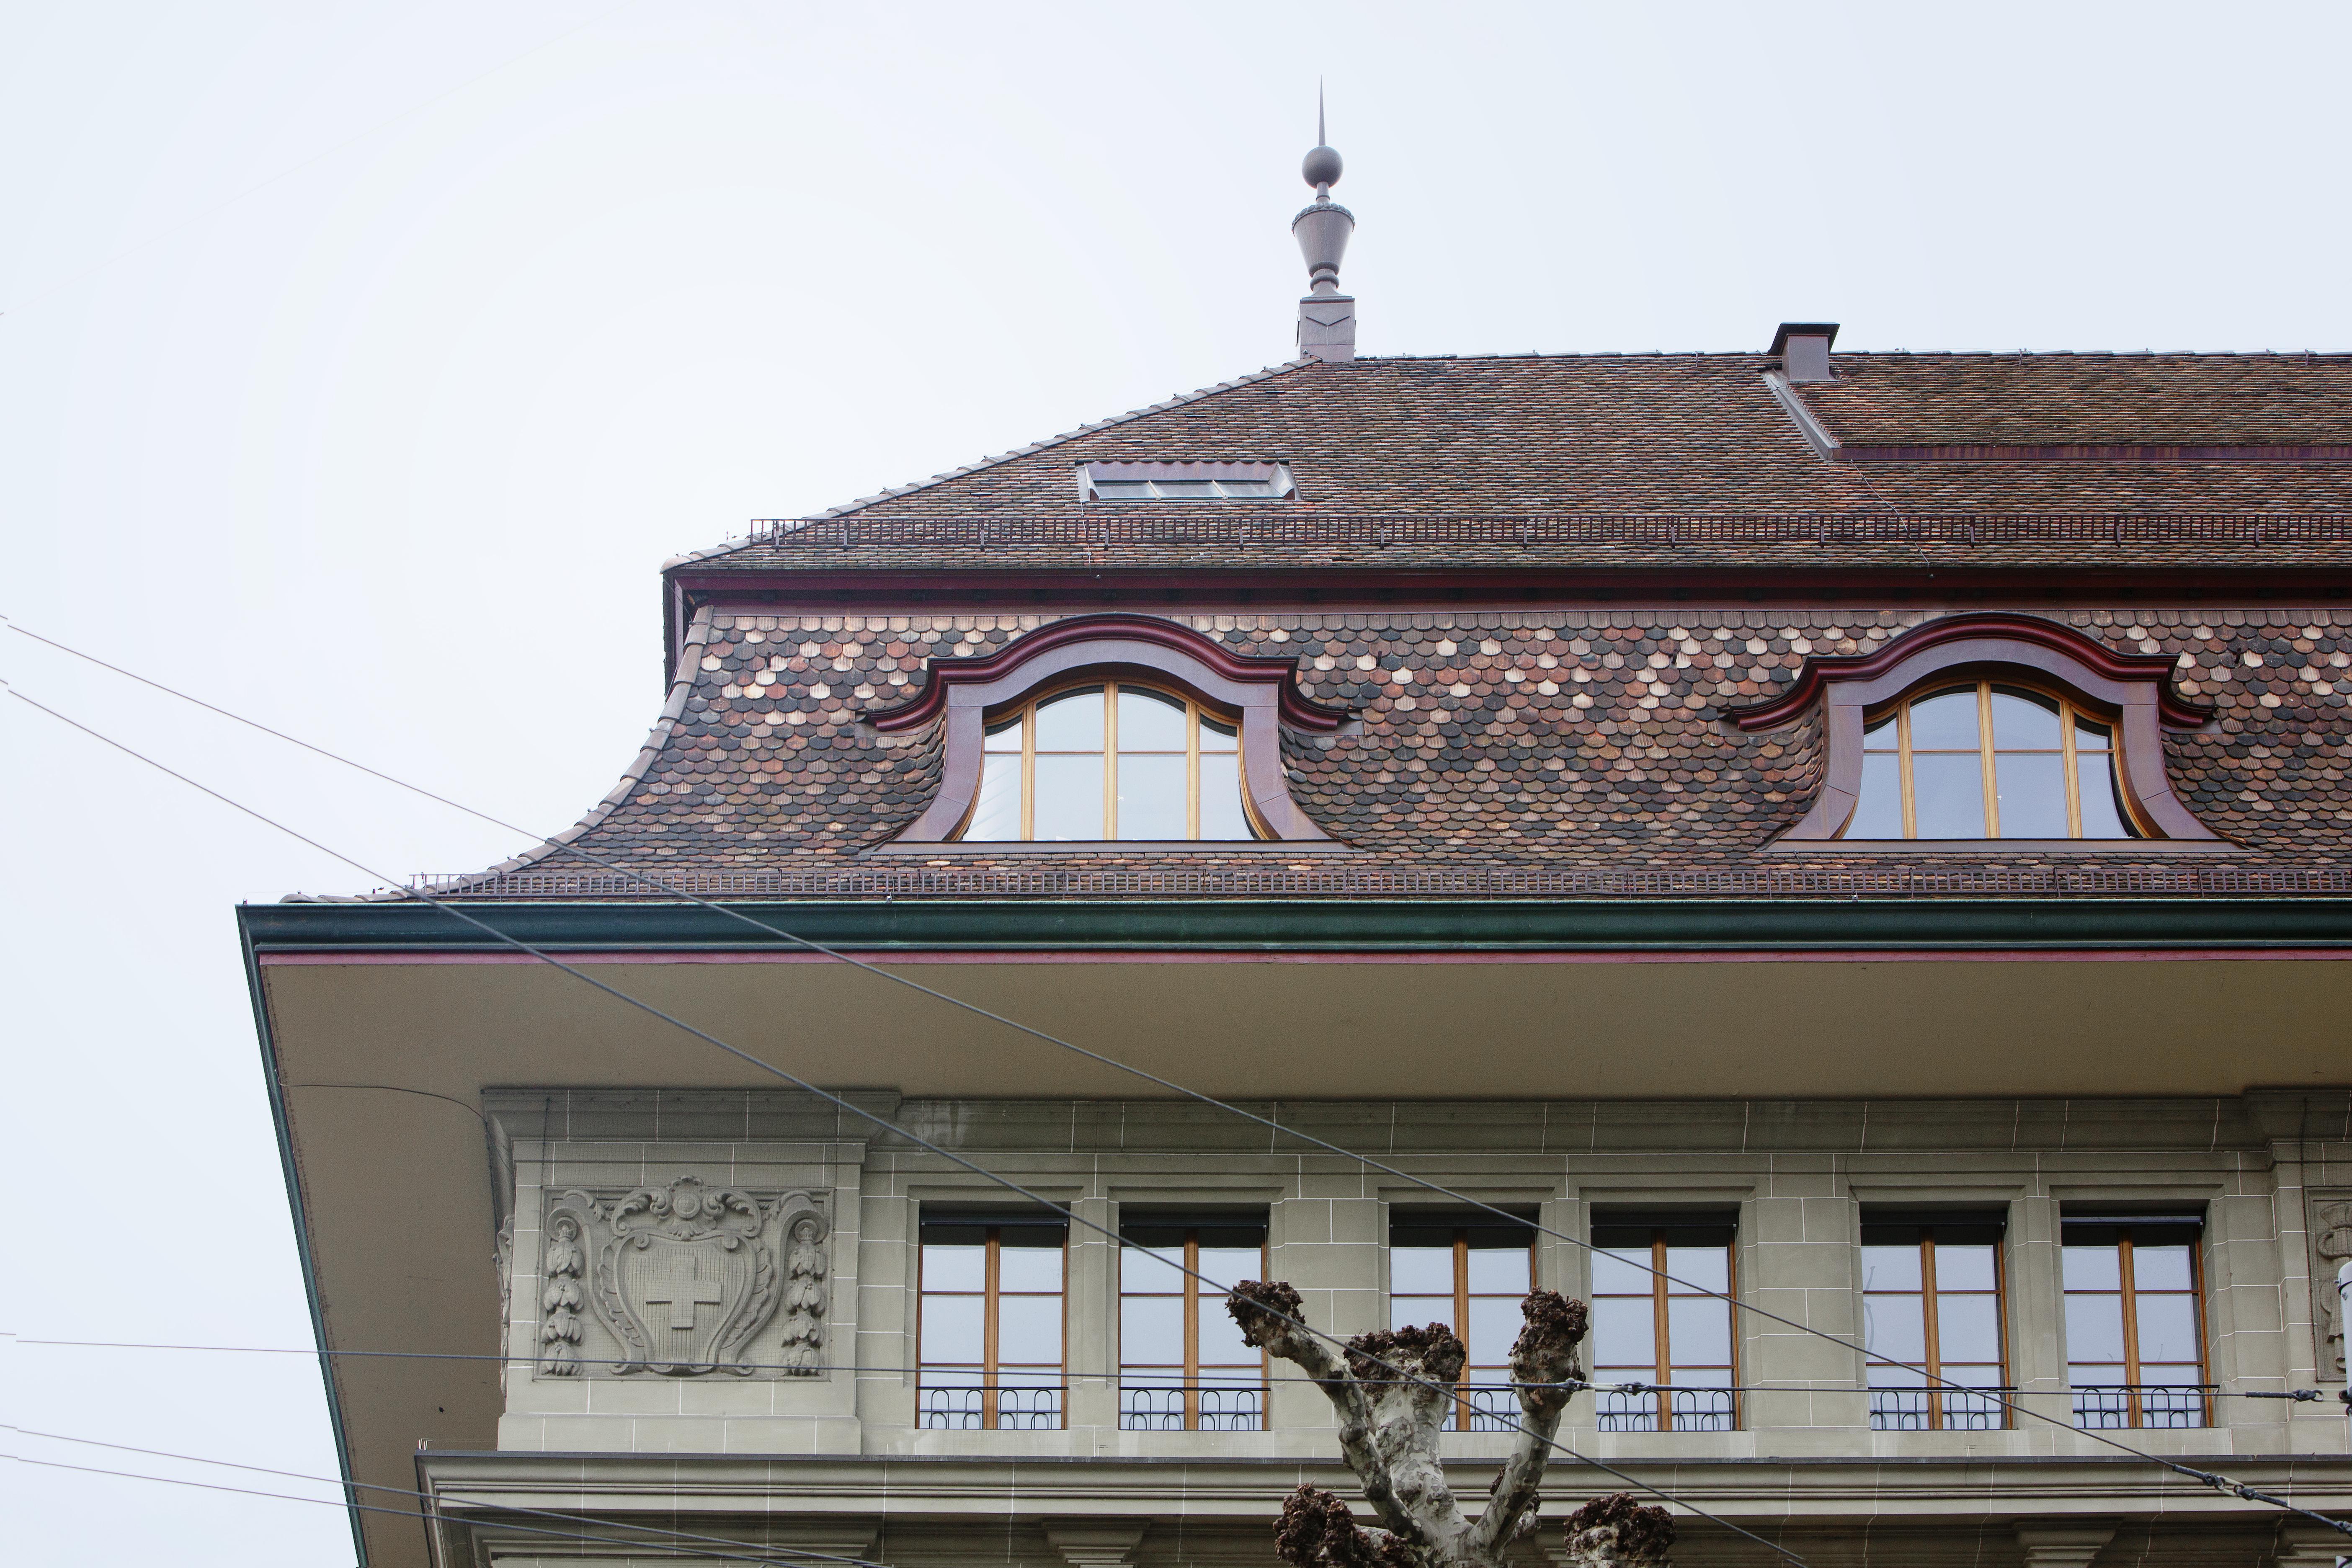 Suisse. Genève. Cerutti & Cie SA. Références. 23.03.2014 © 2014 Didier Ruef